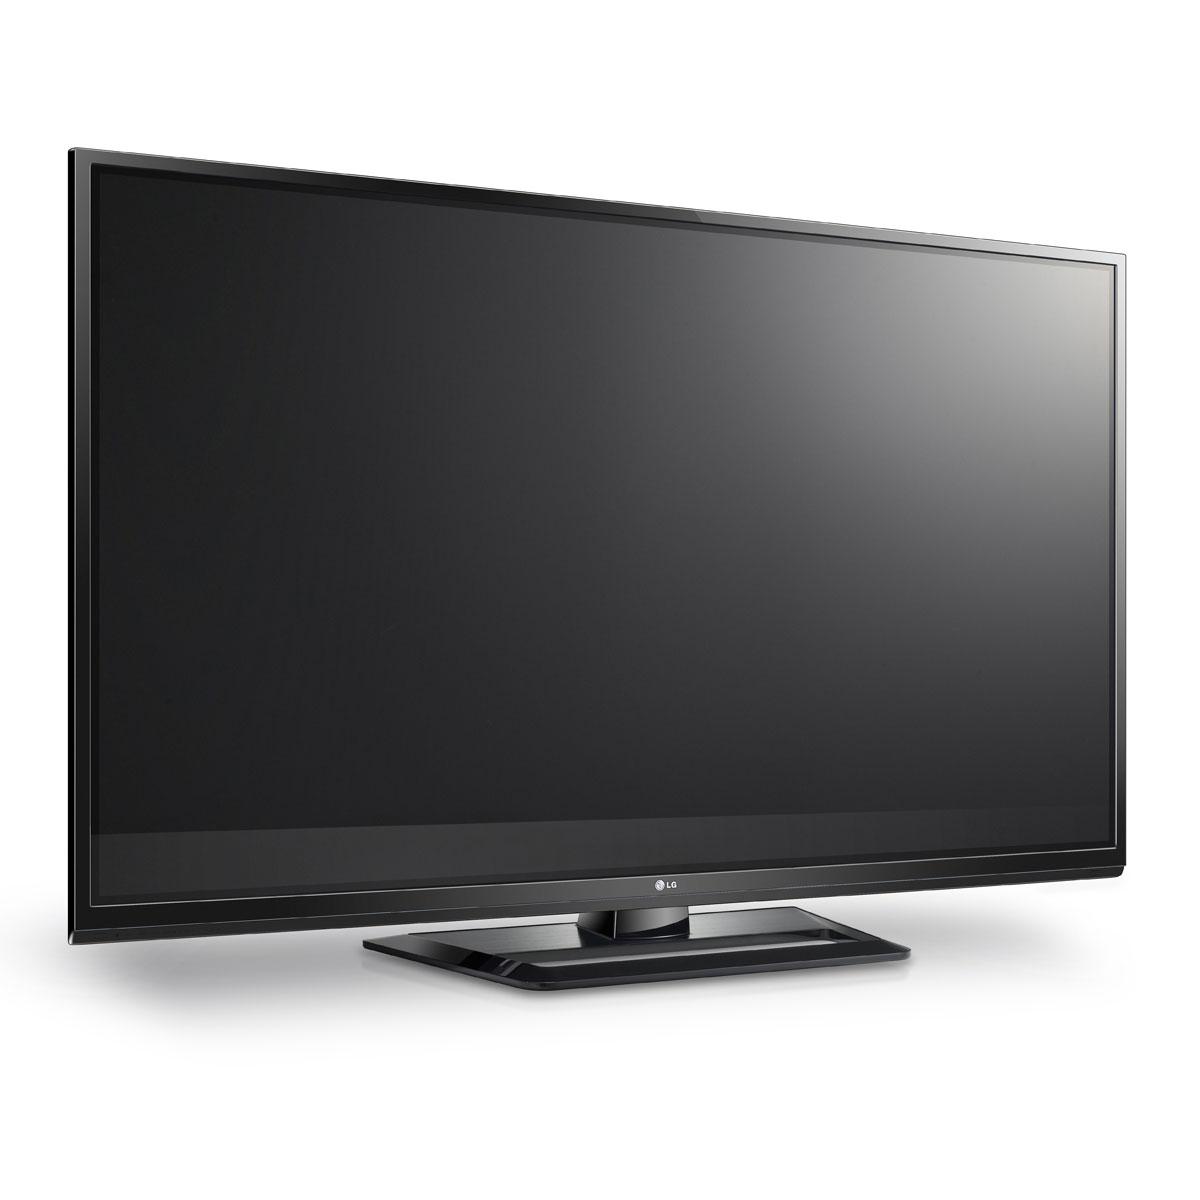 lg 50pa4500 tv lg sur. Black Bedroom Furniture Sets. Home Design Ideas